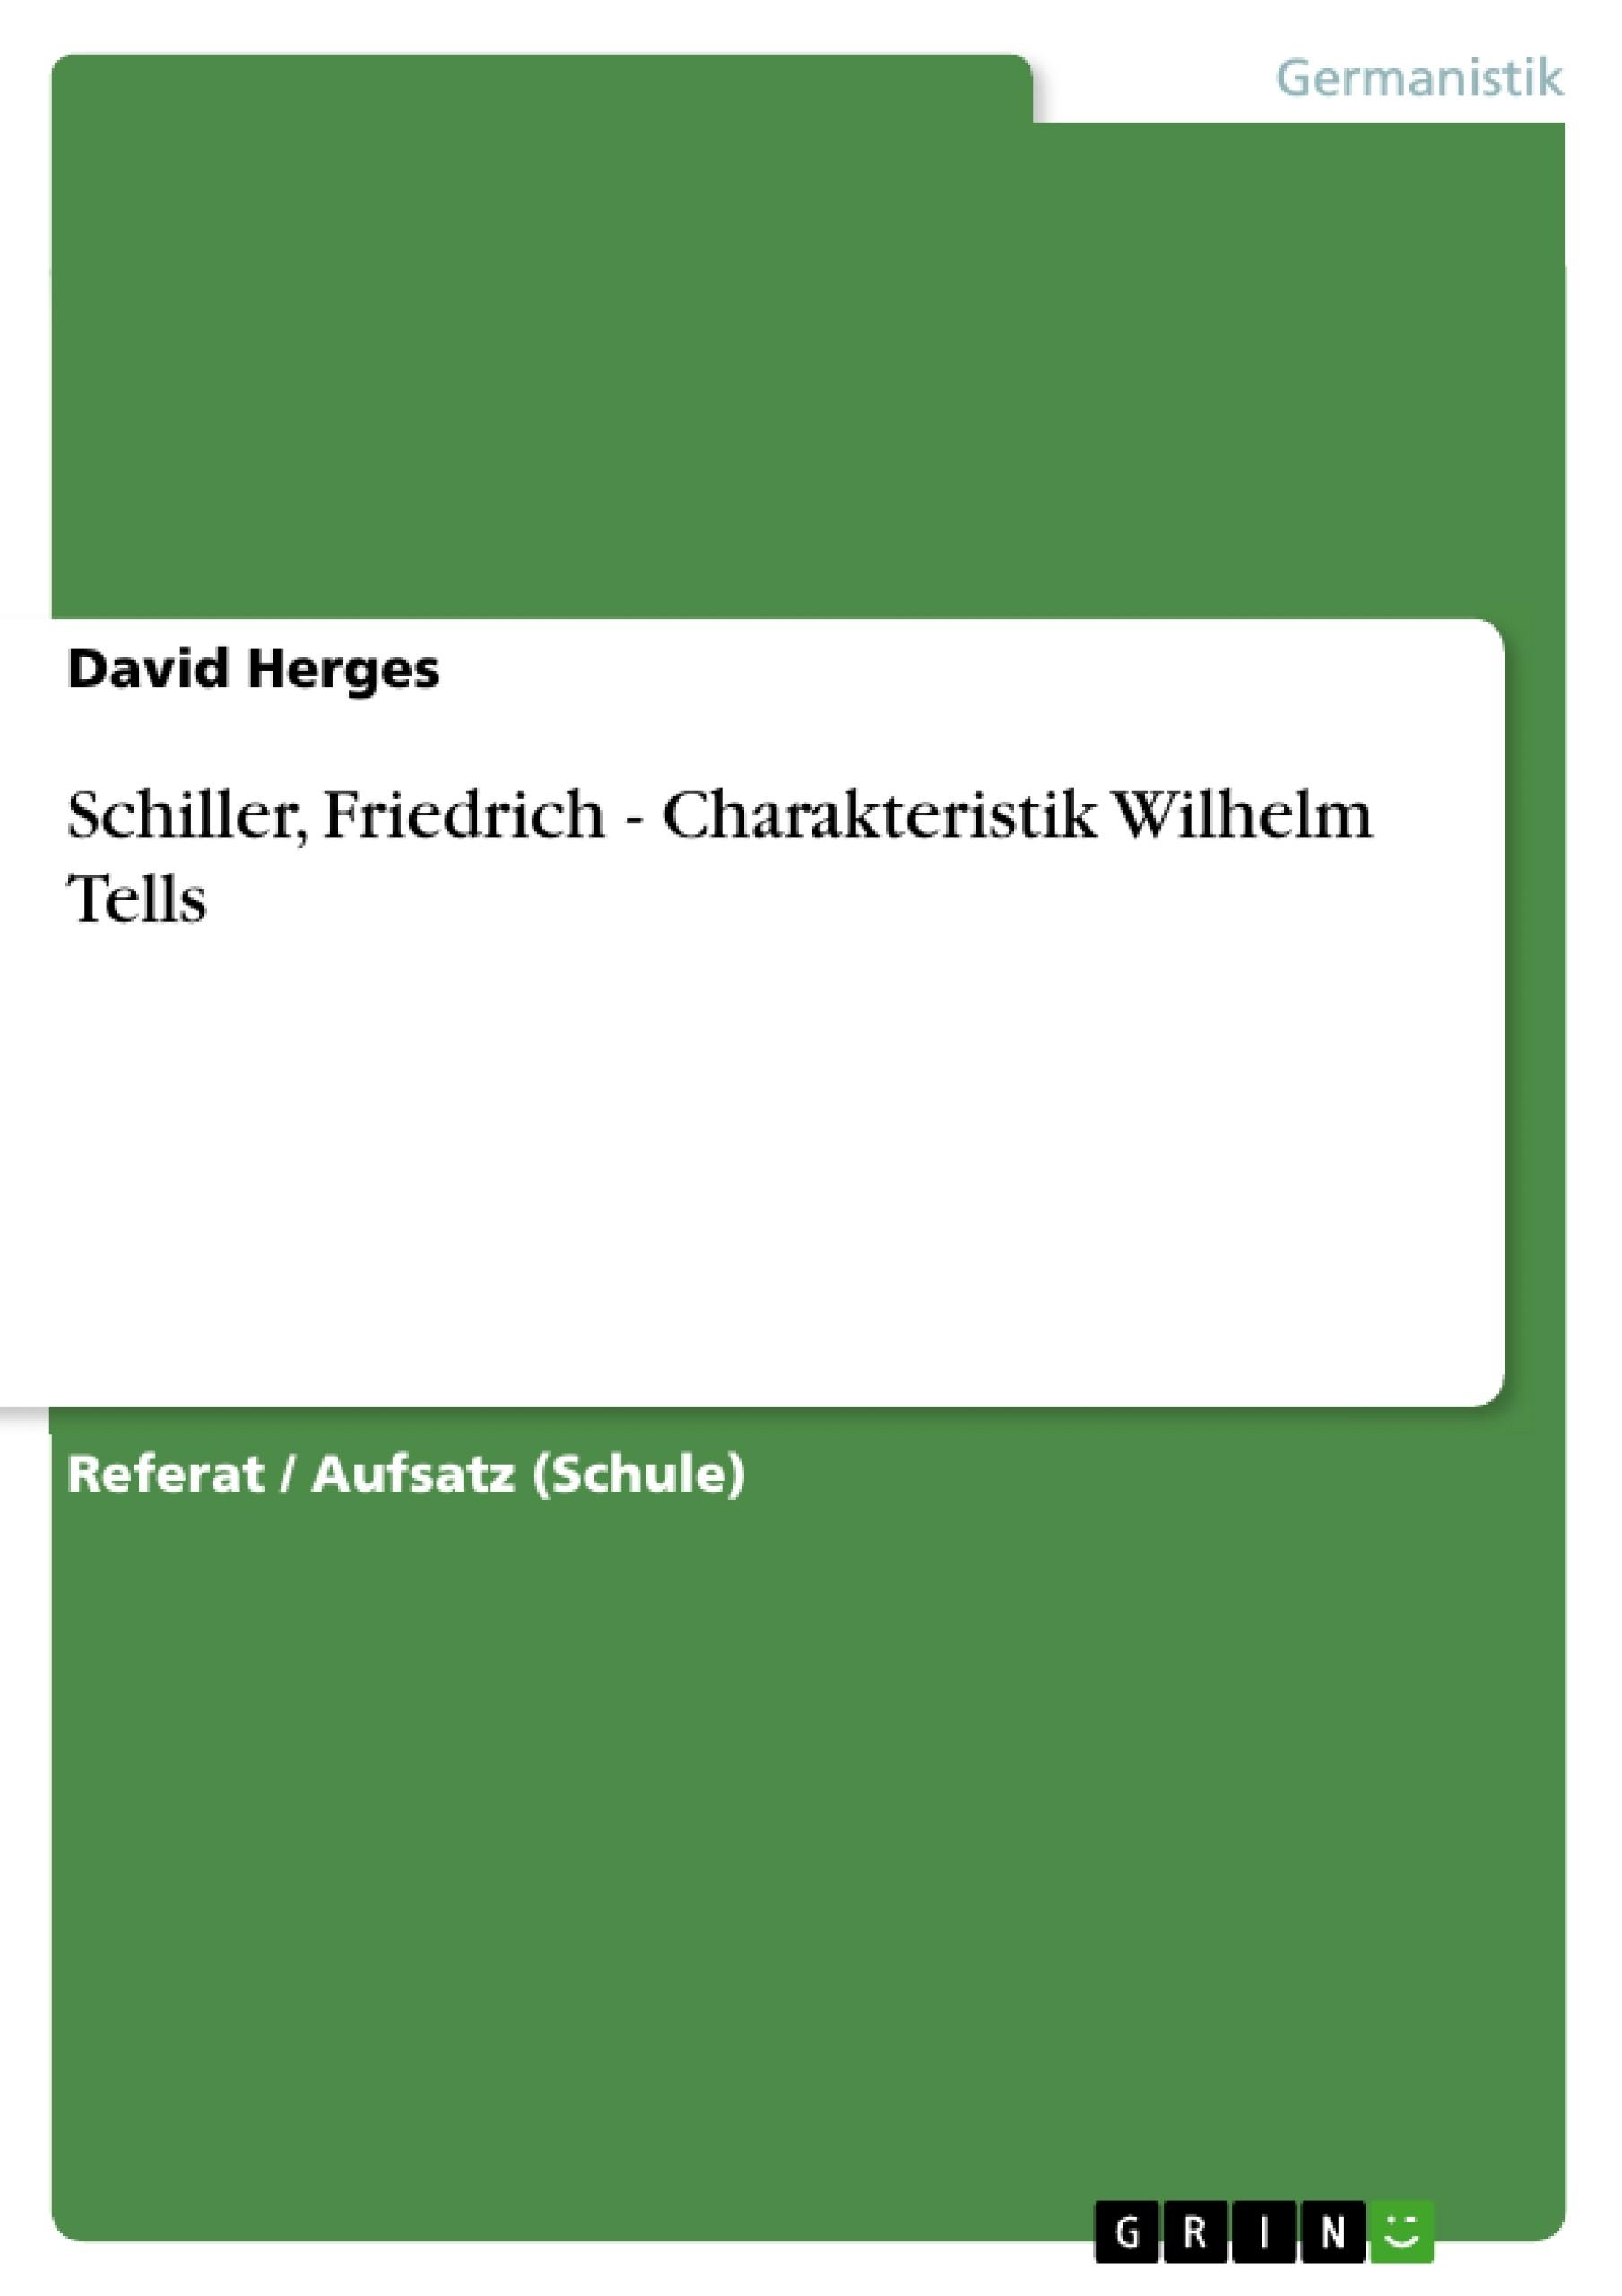 Titel: Schiller, Friedrich - Charakteristik Wilhelm Tells